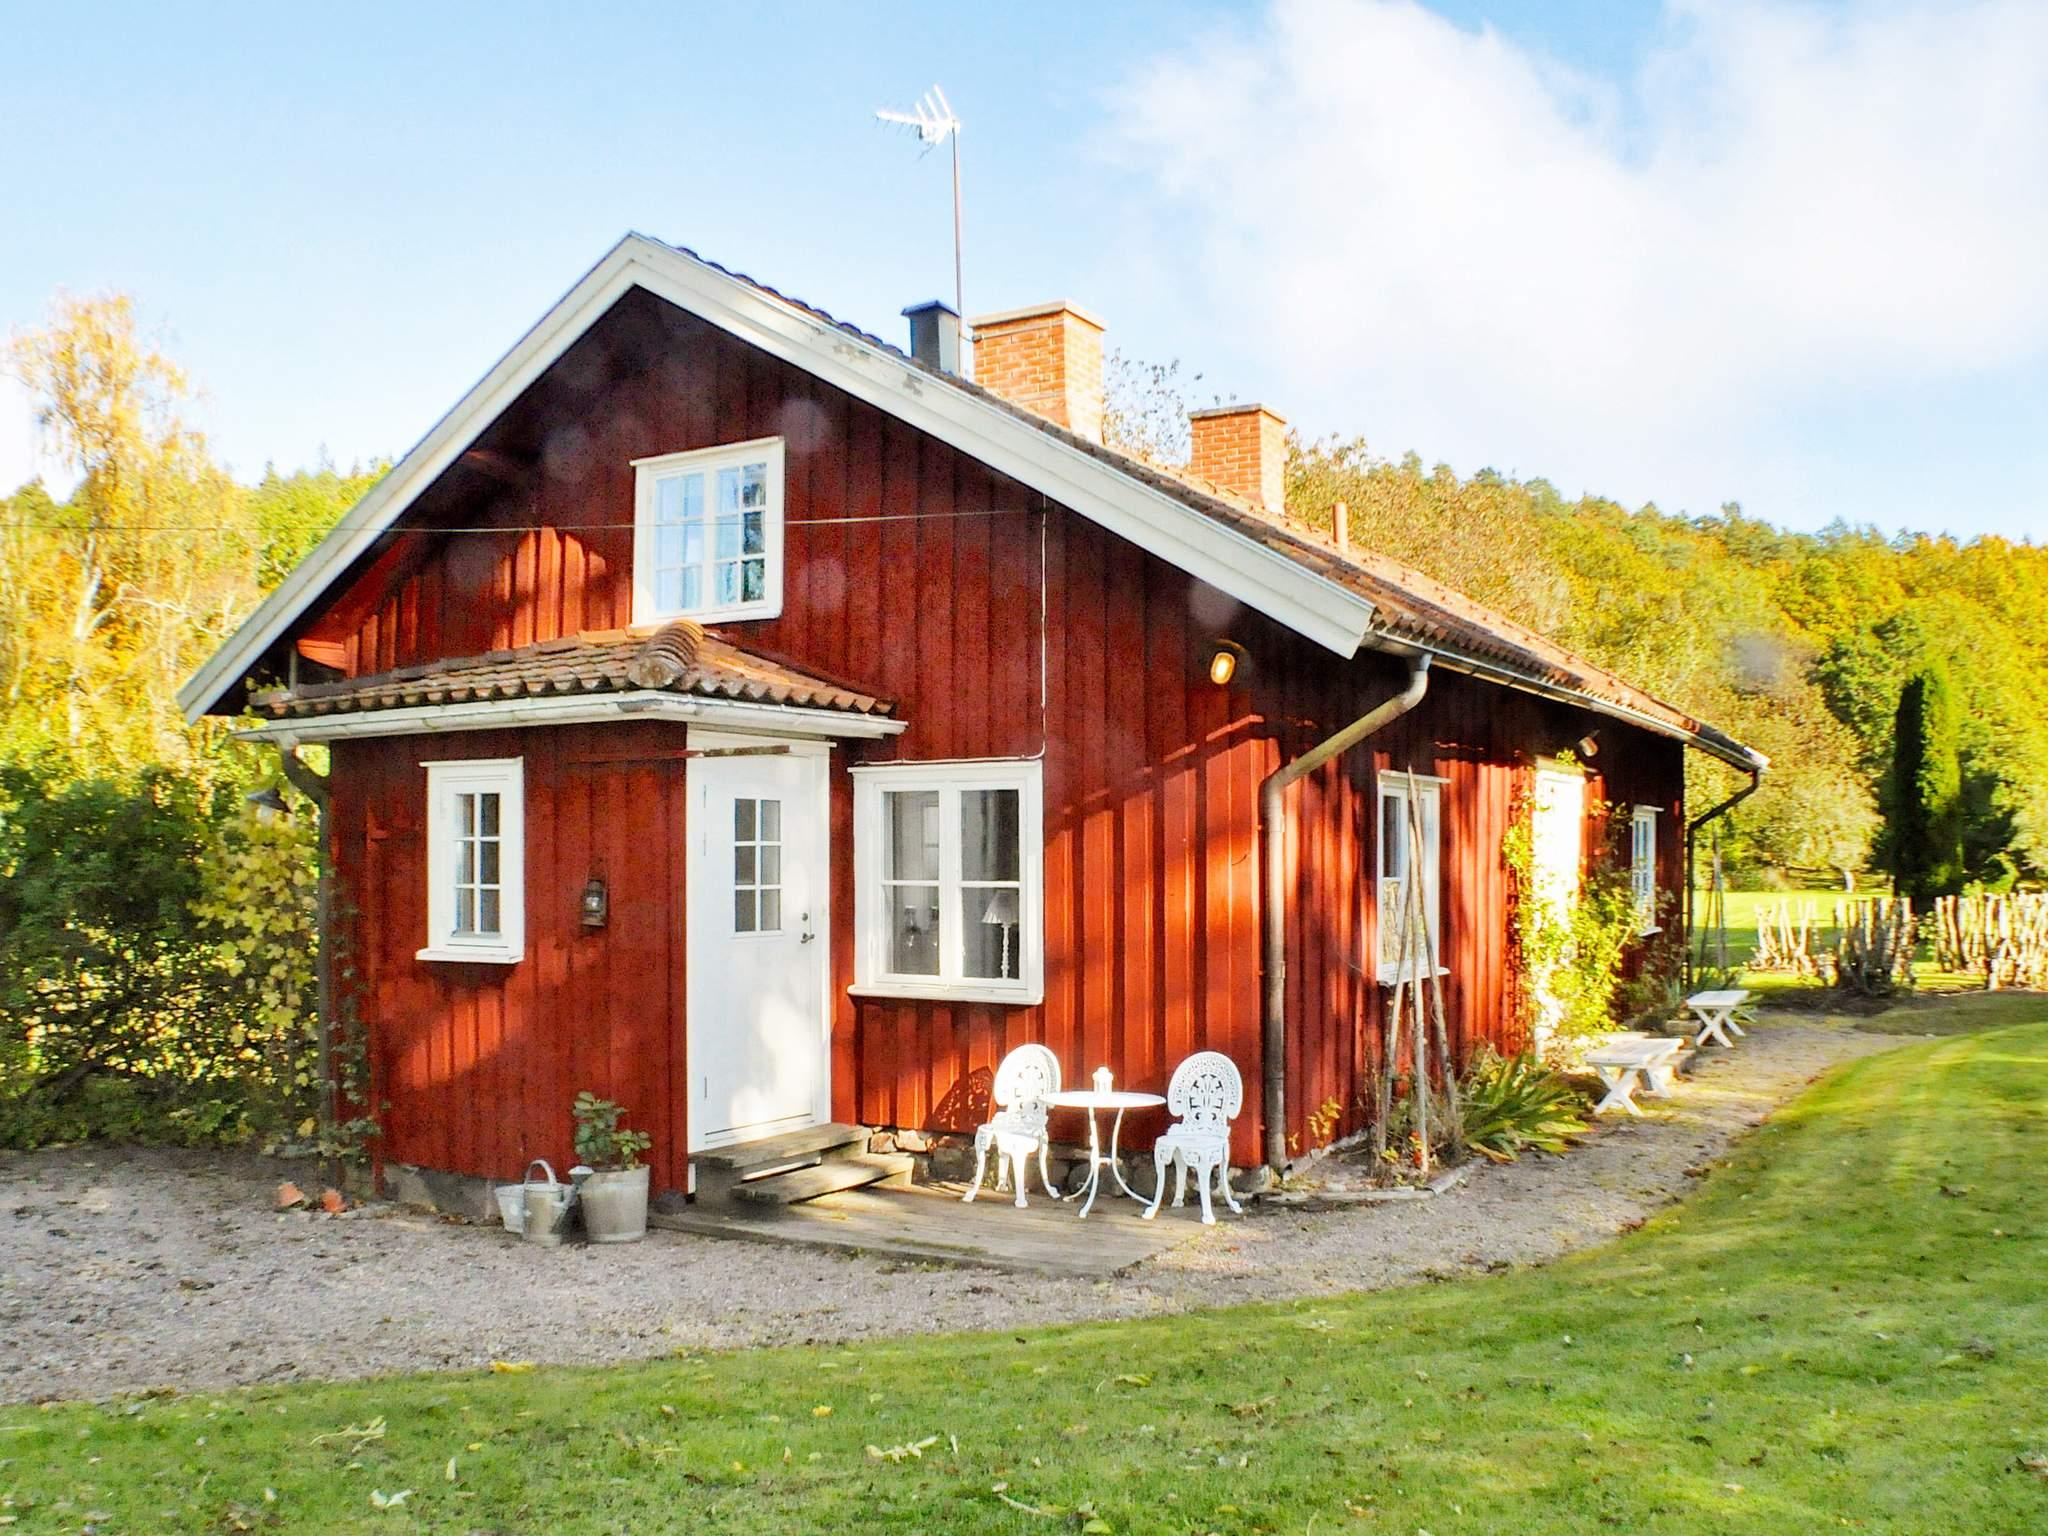 Ferienhaus Vargön (1726332), Vargön, Västra Götaland län, Westschweden, Schweden, Bild 15